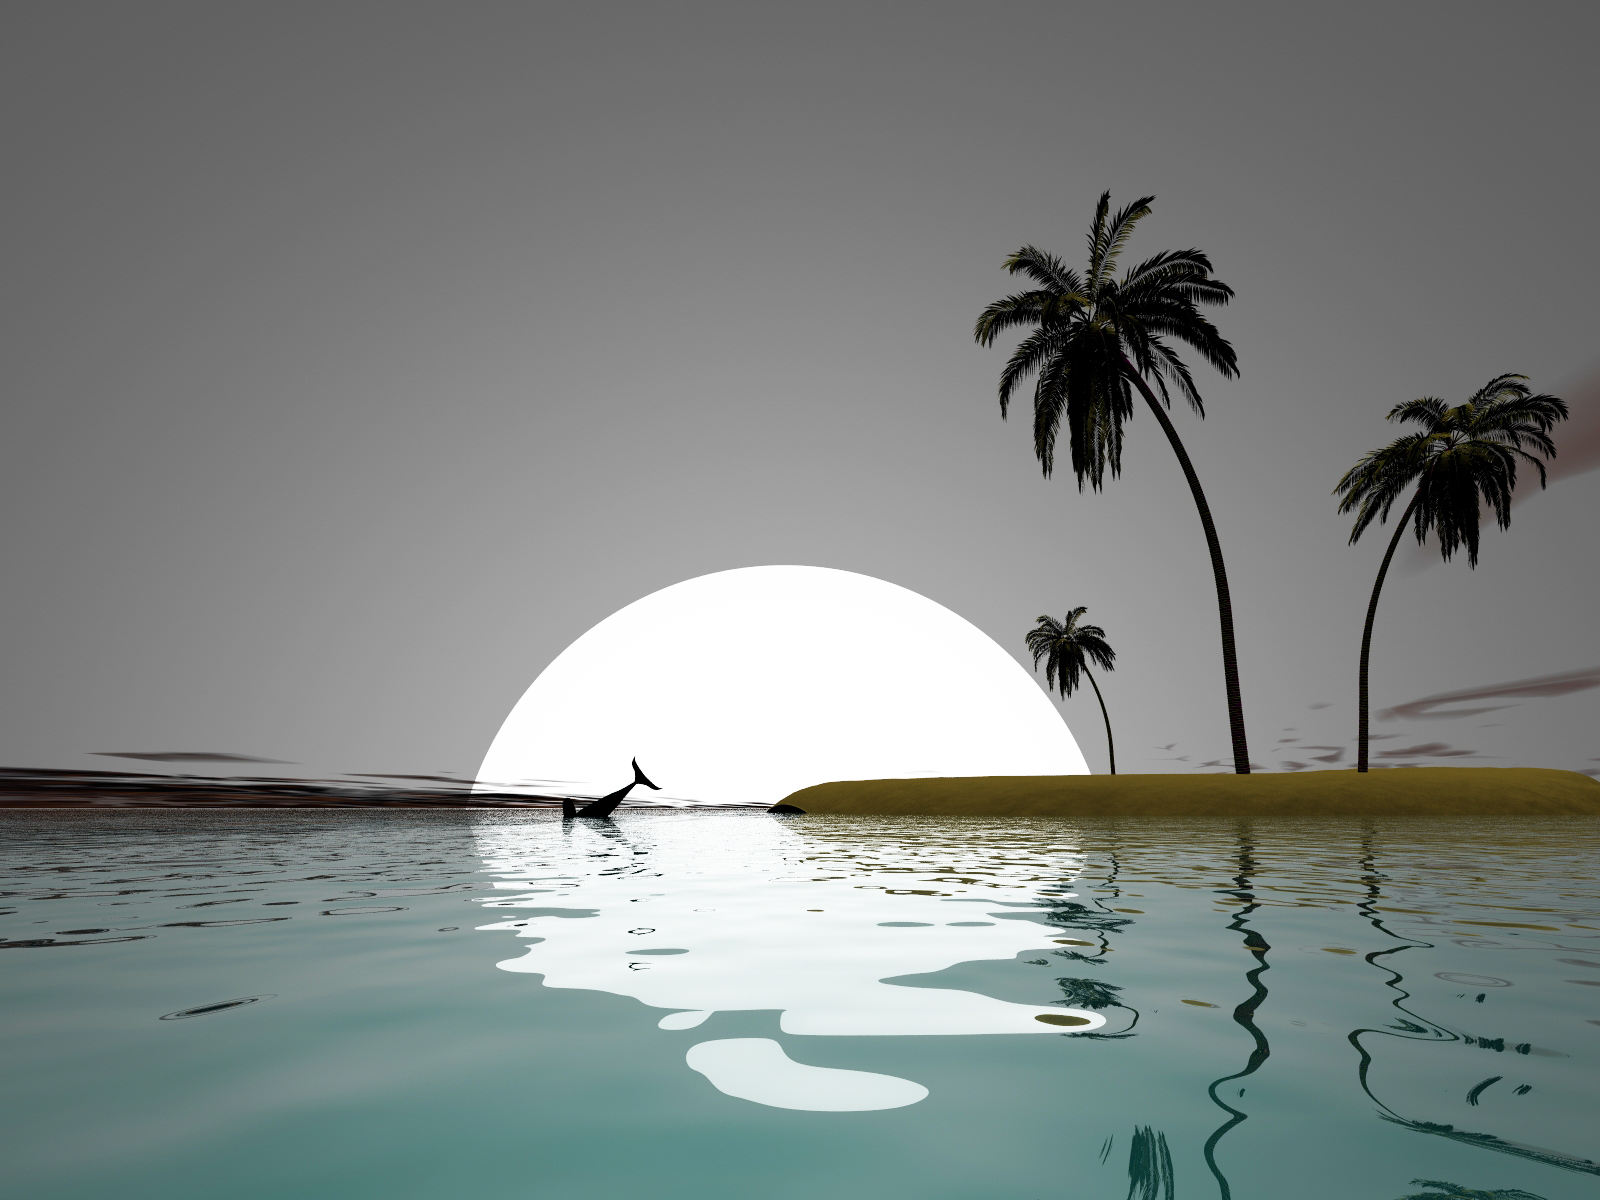 Ibiza by Hythamkalefe